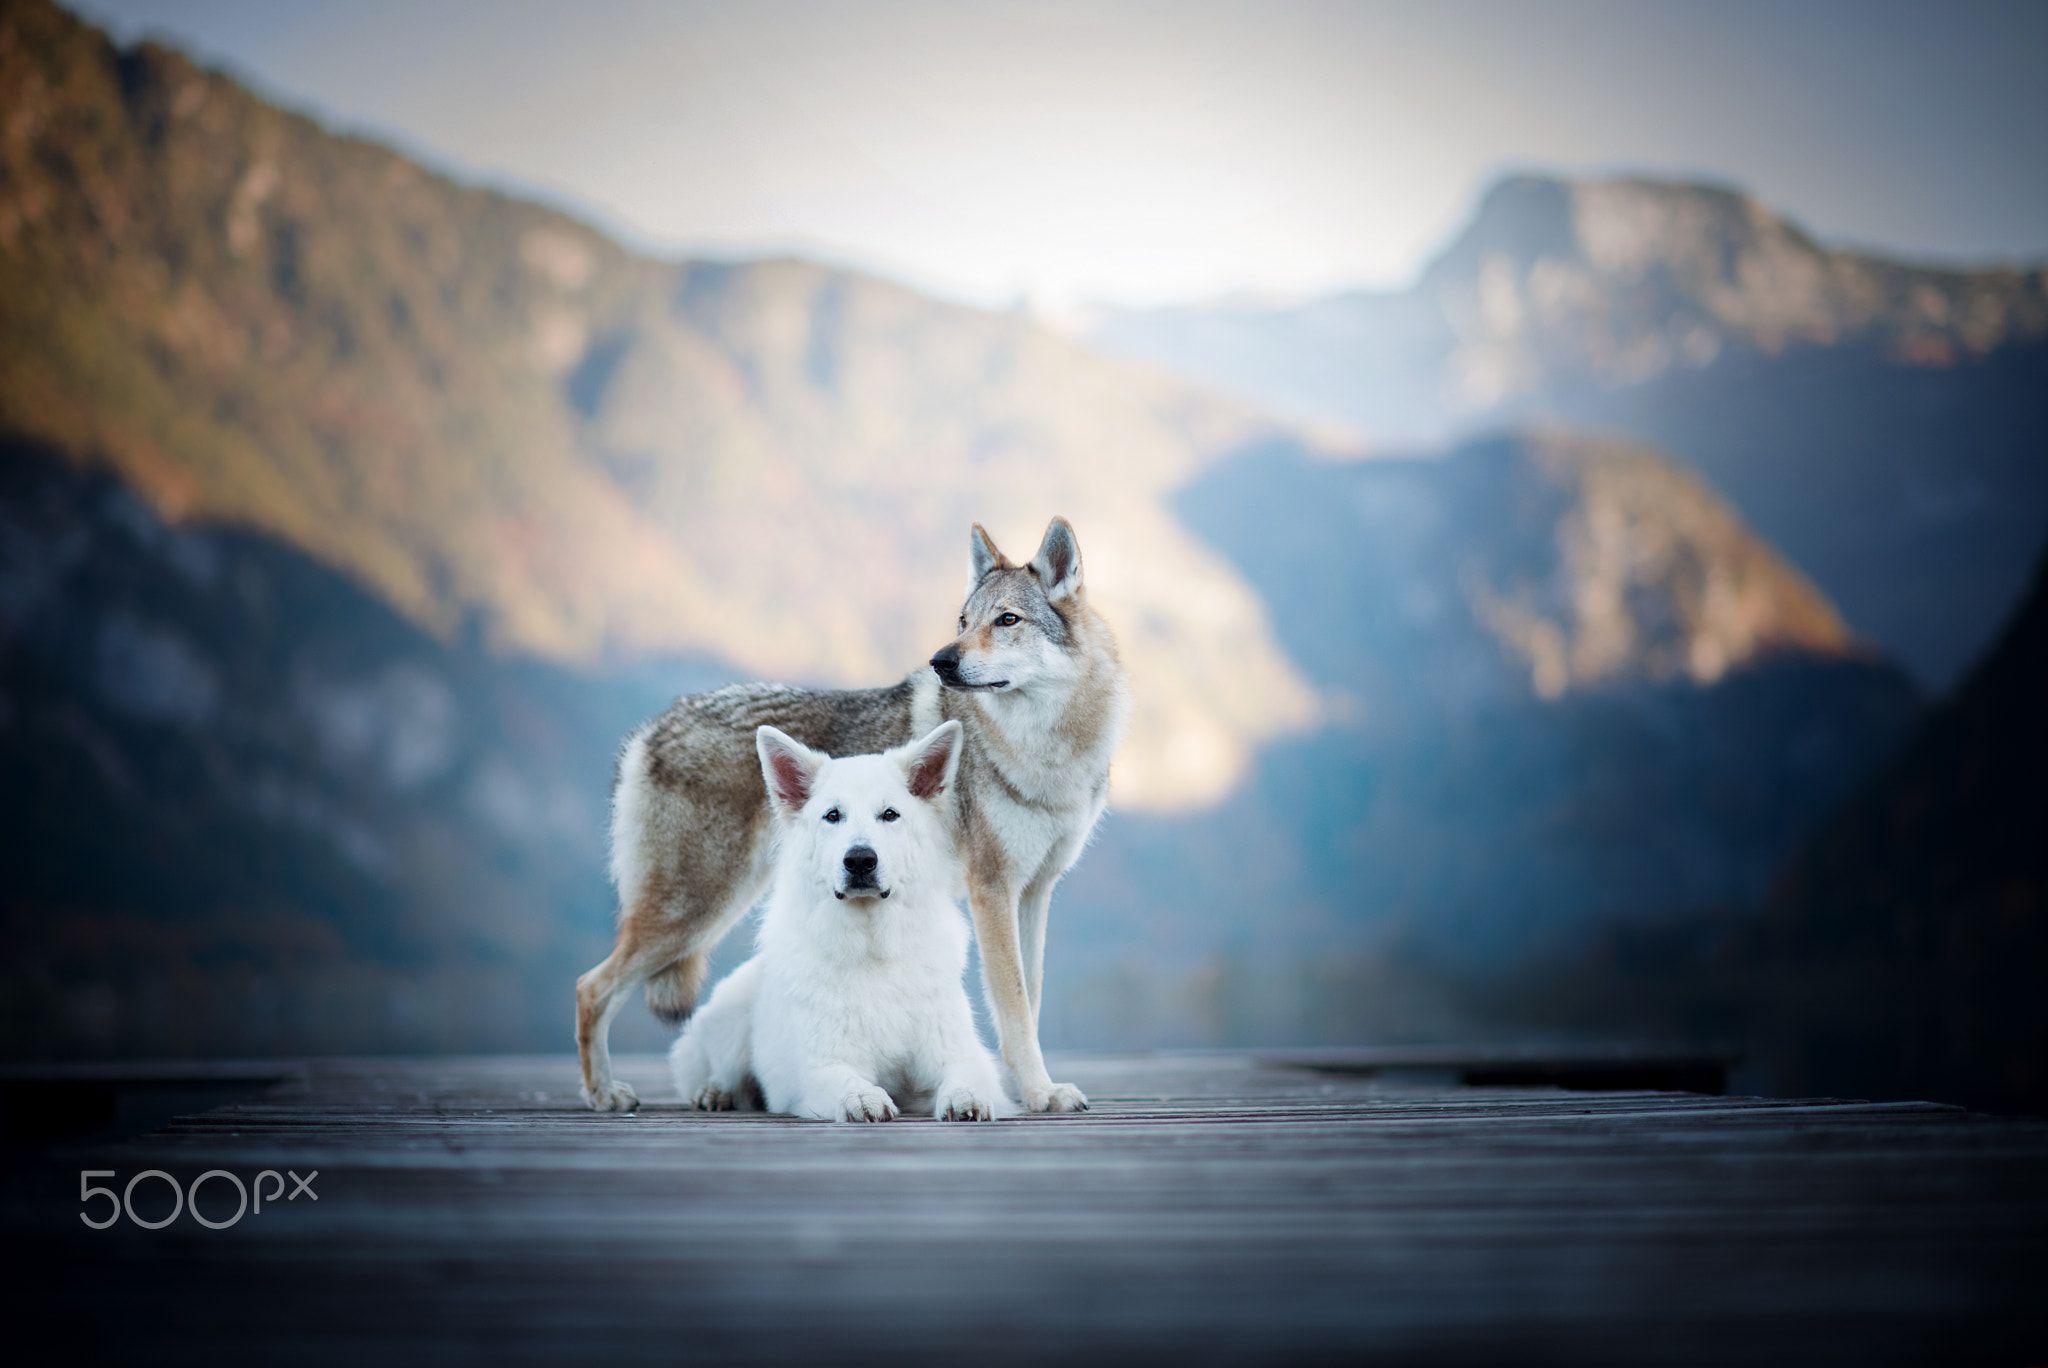 White And Wolf Null Hund Dogs Animals Weisser Schaferhund Tschechoslowakischer Wolfhund Mountains Wolf Hunde Hunde Schaferhunde